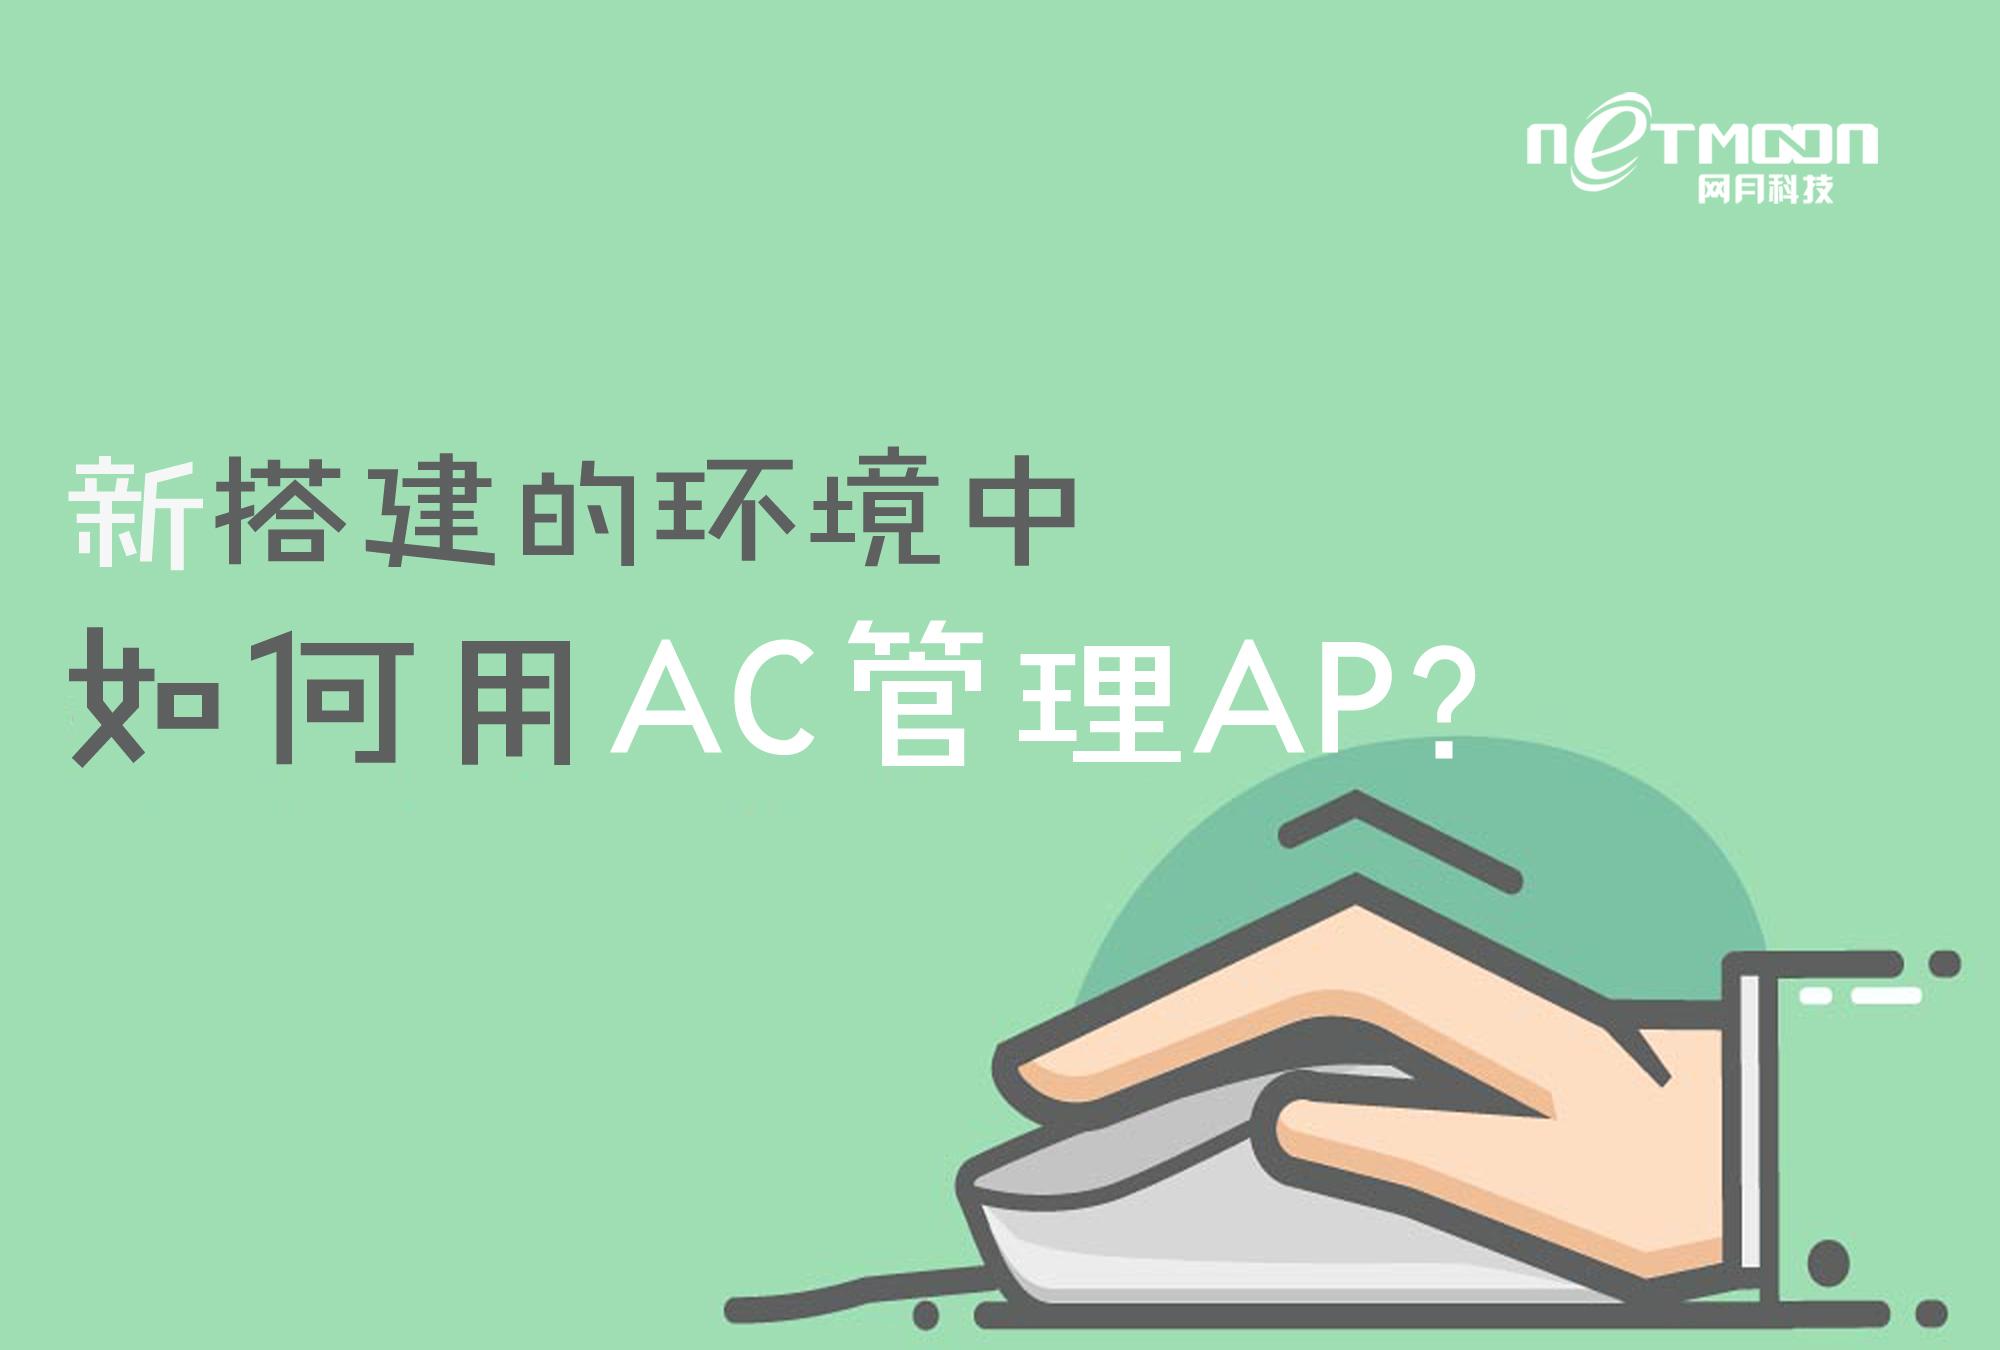 网月科技-新搭建的环境中如何用AC管理AP?